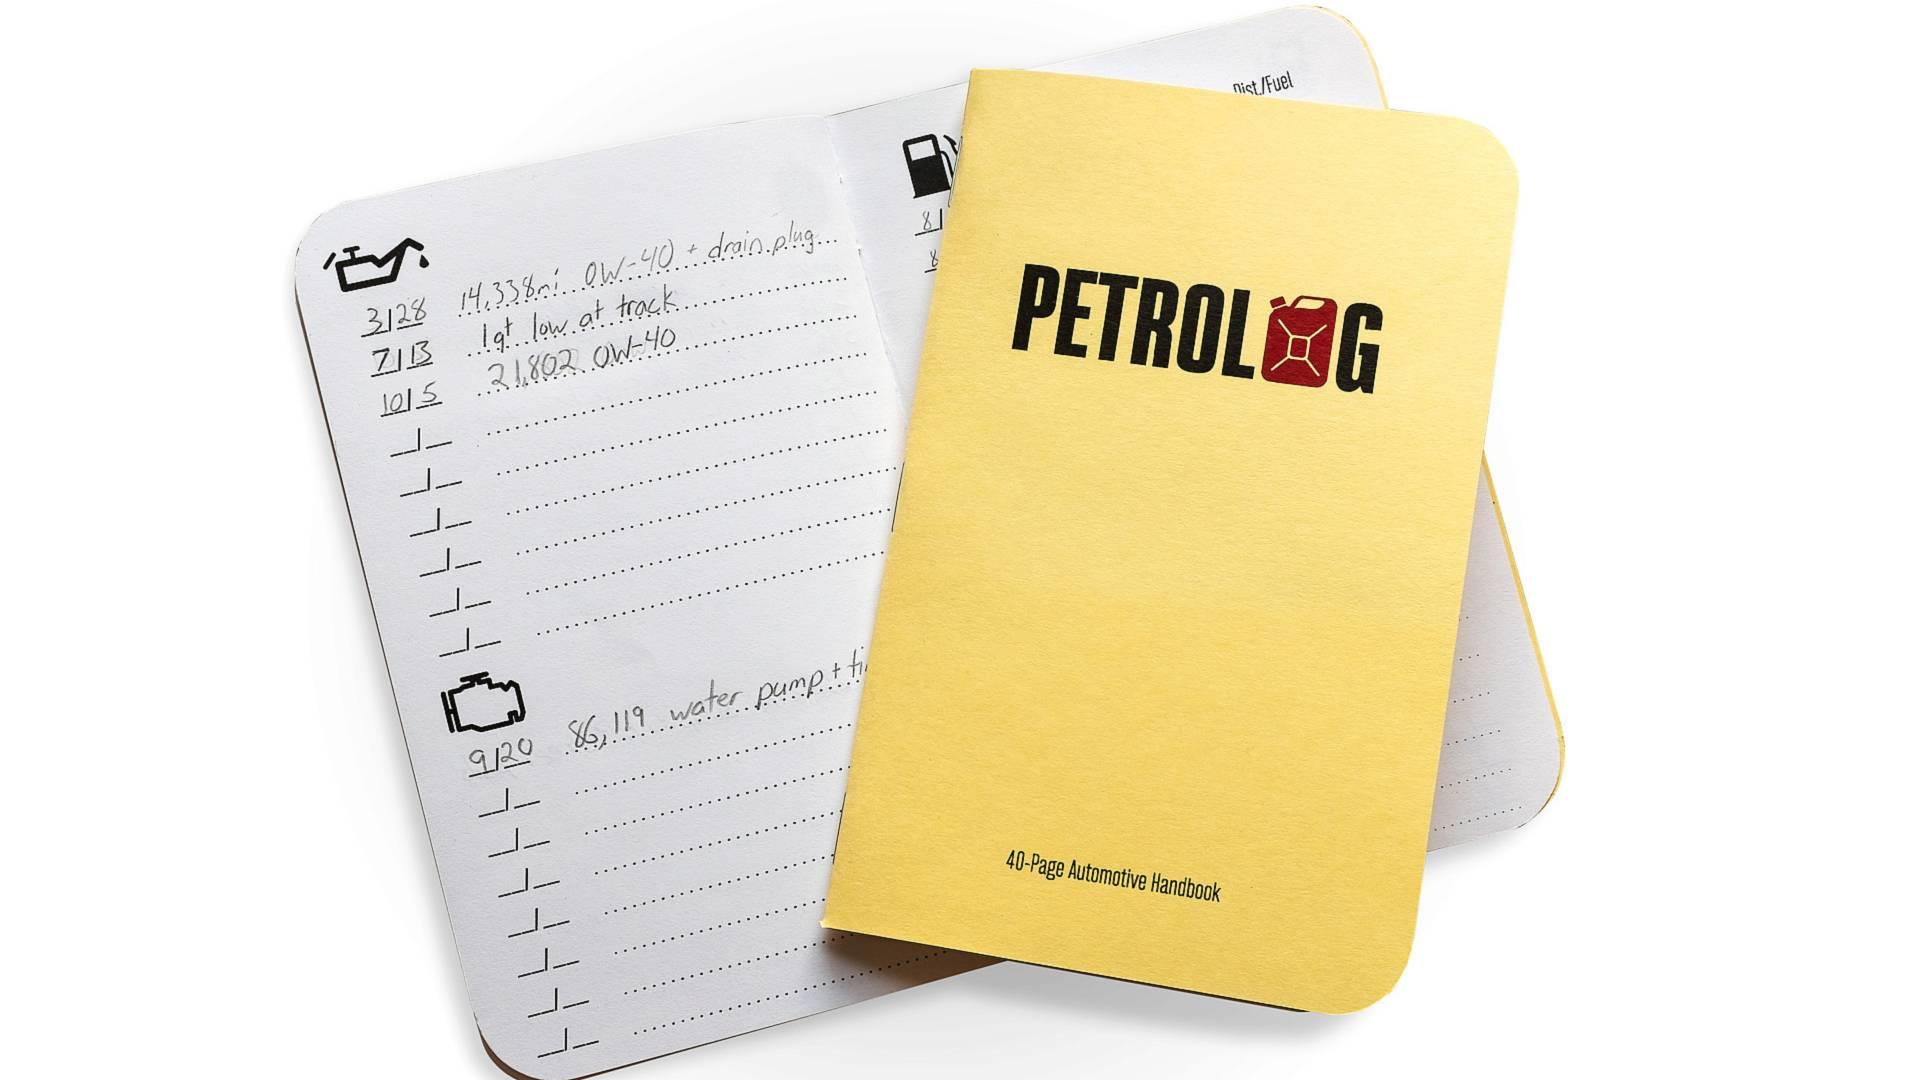 petrolog